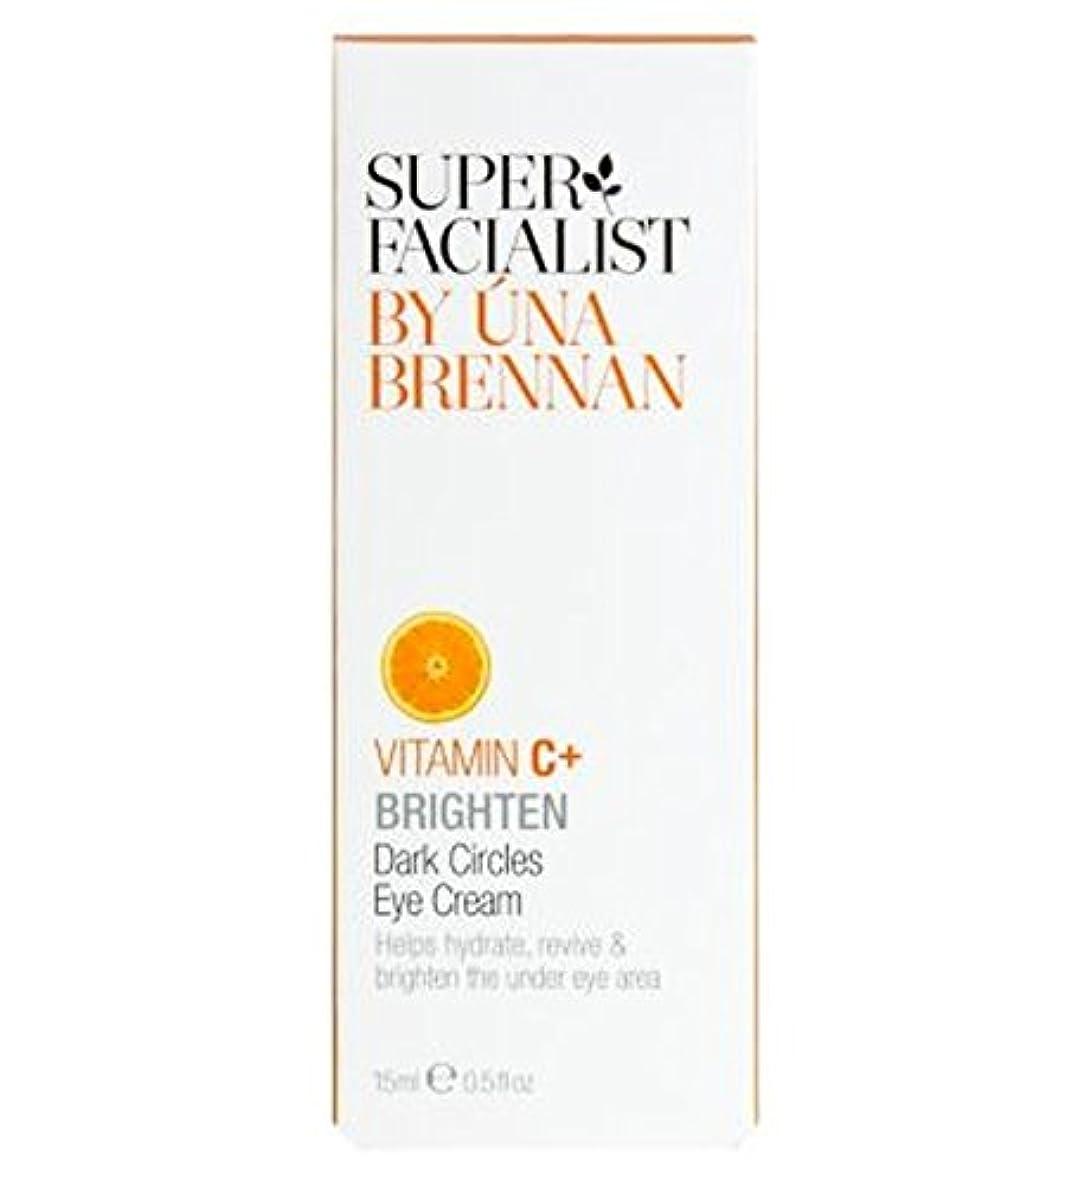 本部足ドキュメンタリーSuperfacialist Vitamin C+ Dark Circles Eye Cream 15ml - SuperfacialistビタミンC +くまアイクリーム15ミリリットル (Superfacialist)...